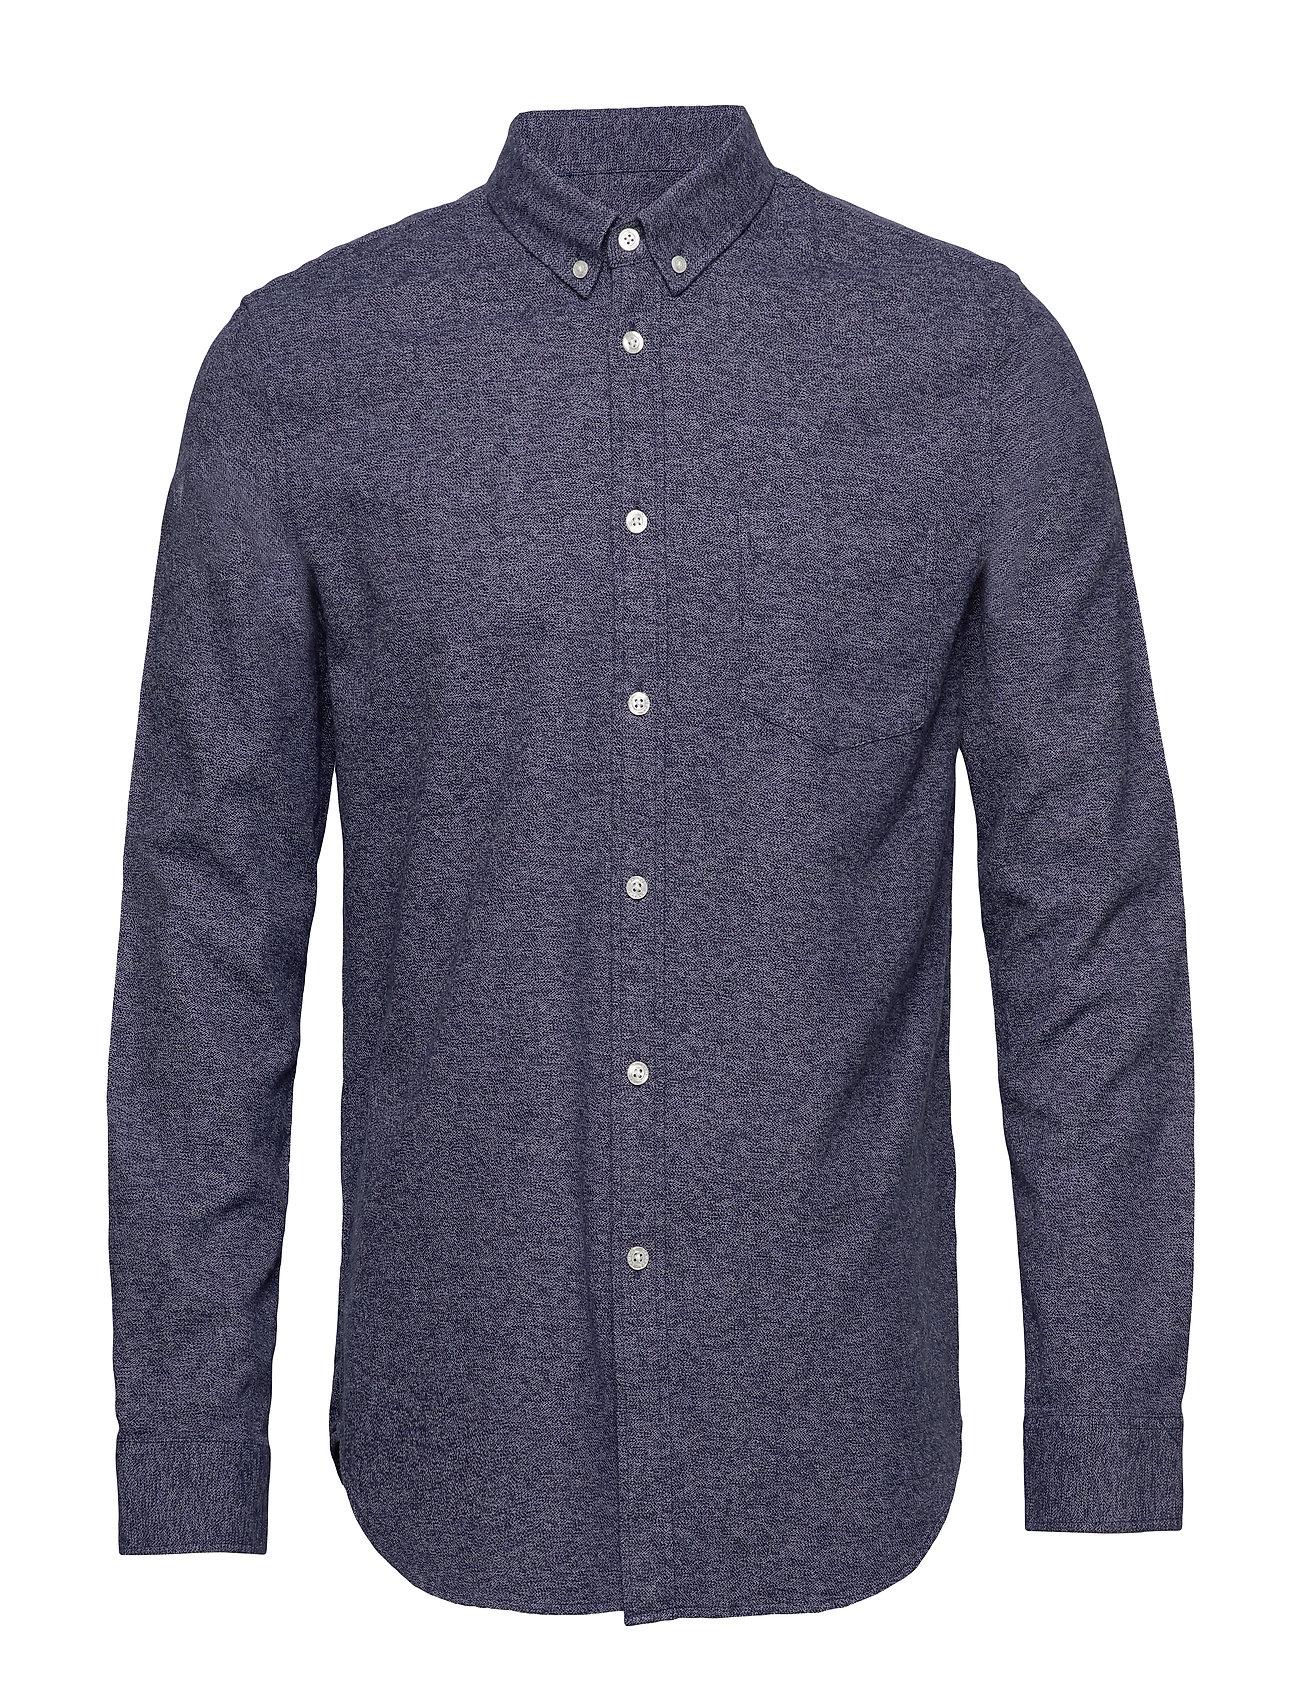 Samsøe & Samsøe Liam BA shirt 11245 - NIGHT SKY MEL.